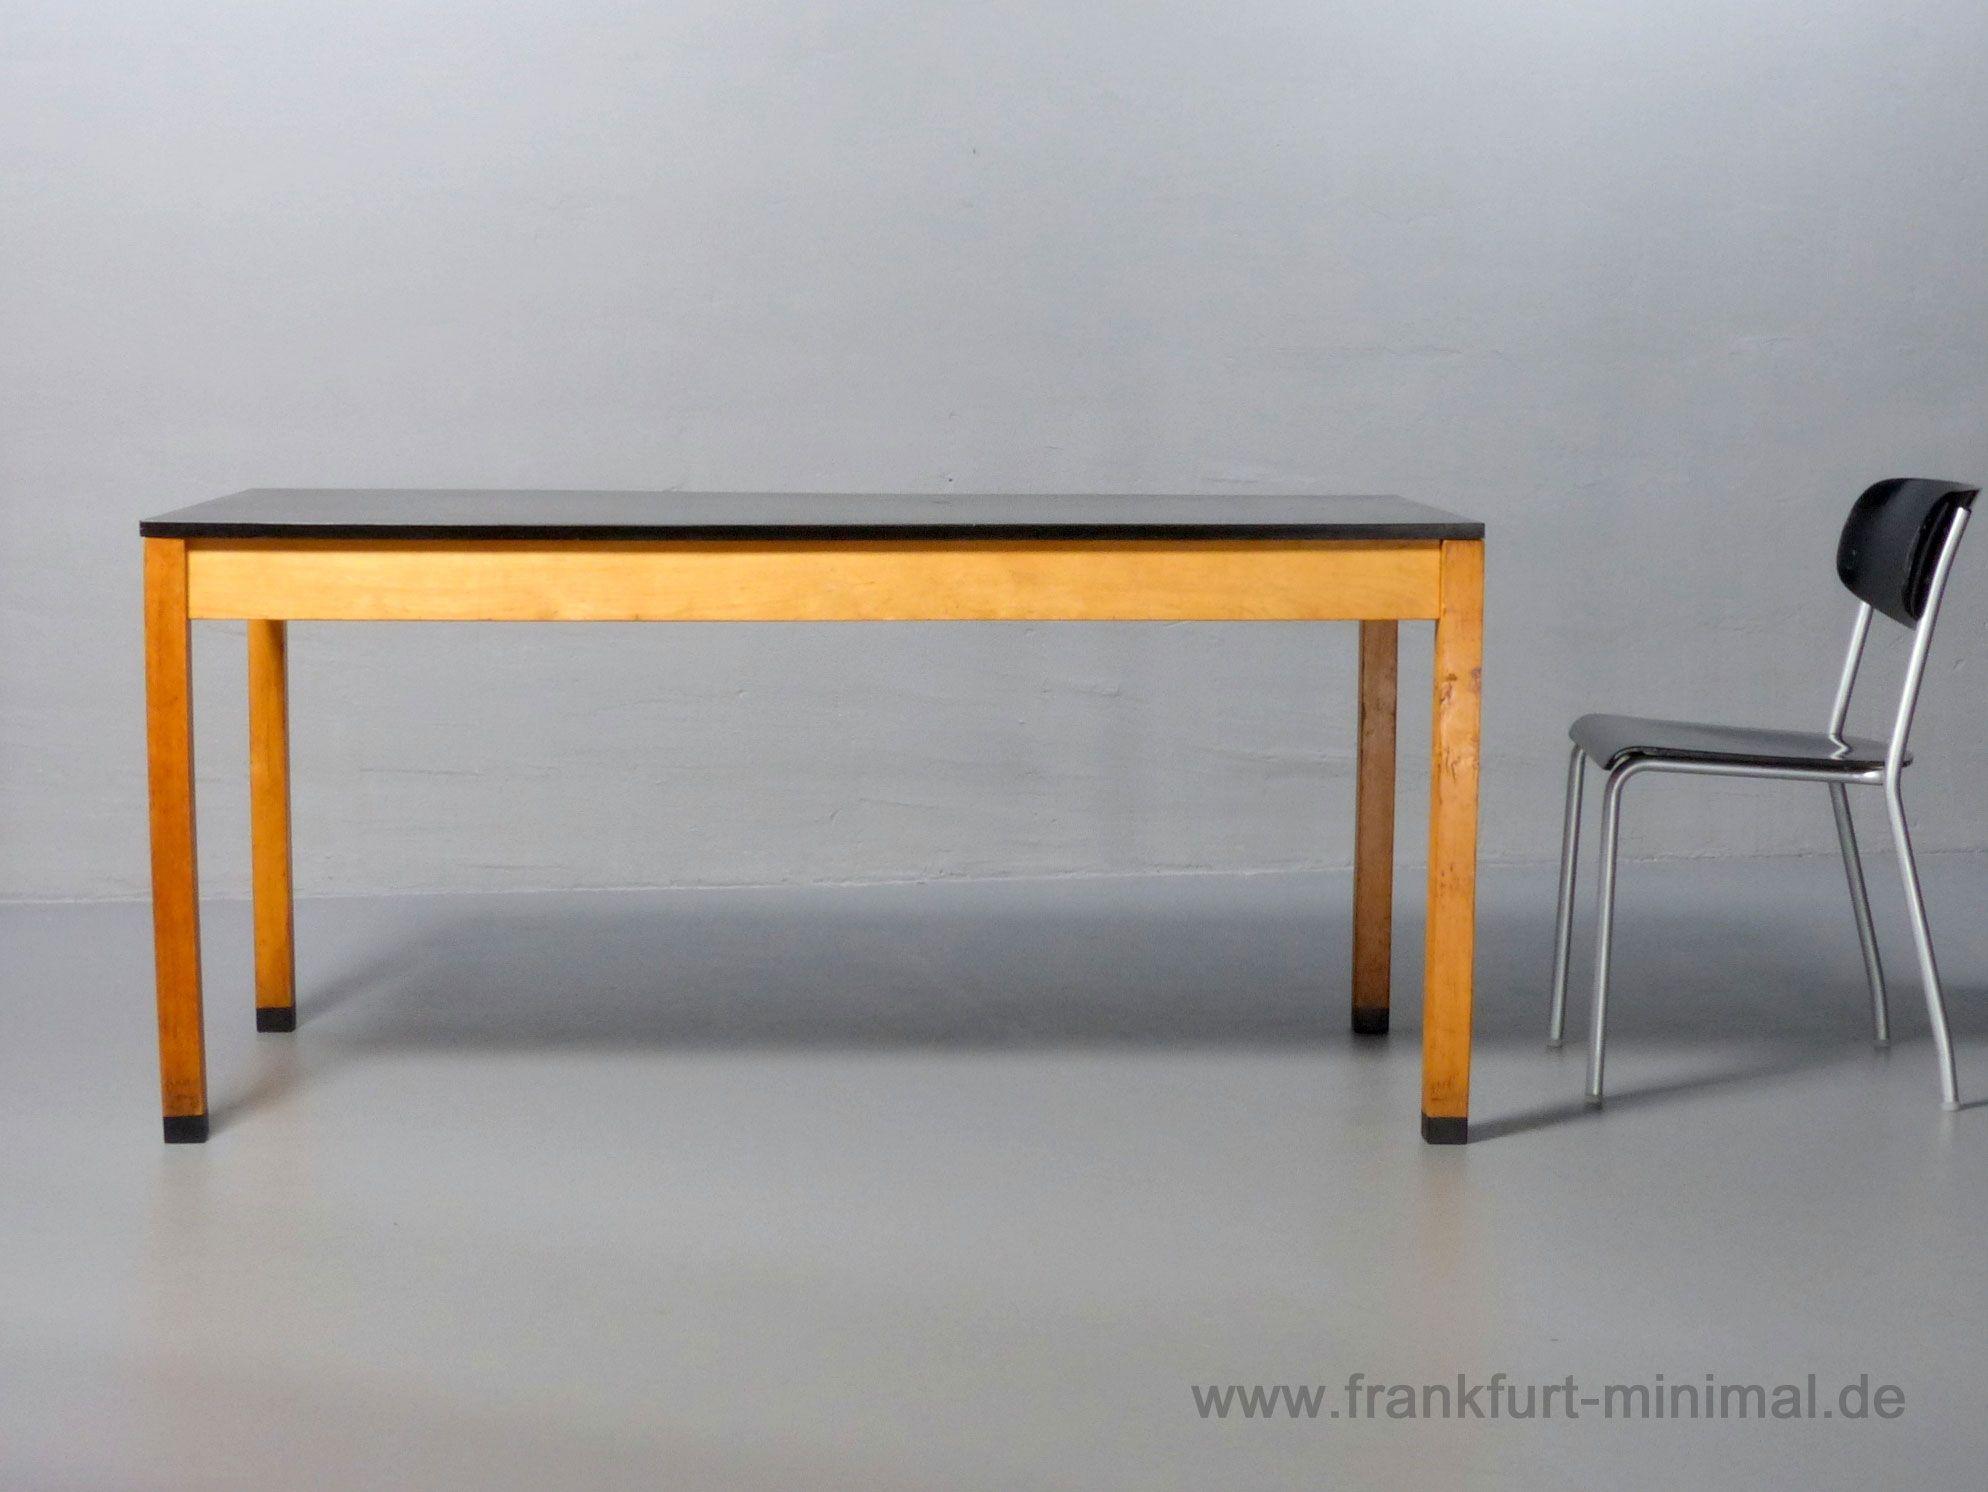 Tisch Von Ferdinand Kramer Fur Die Goethe Universitat 1960er Jahre Mit Schwarzer Hpl Tischplatte Und Abnehmbaren Beinen Mass 160x80 Cm Www Frankfurt Minimal